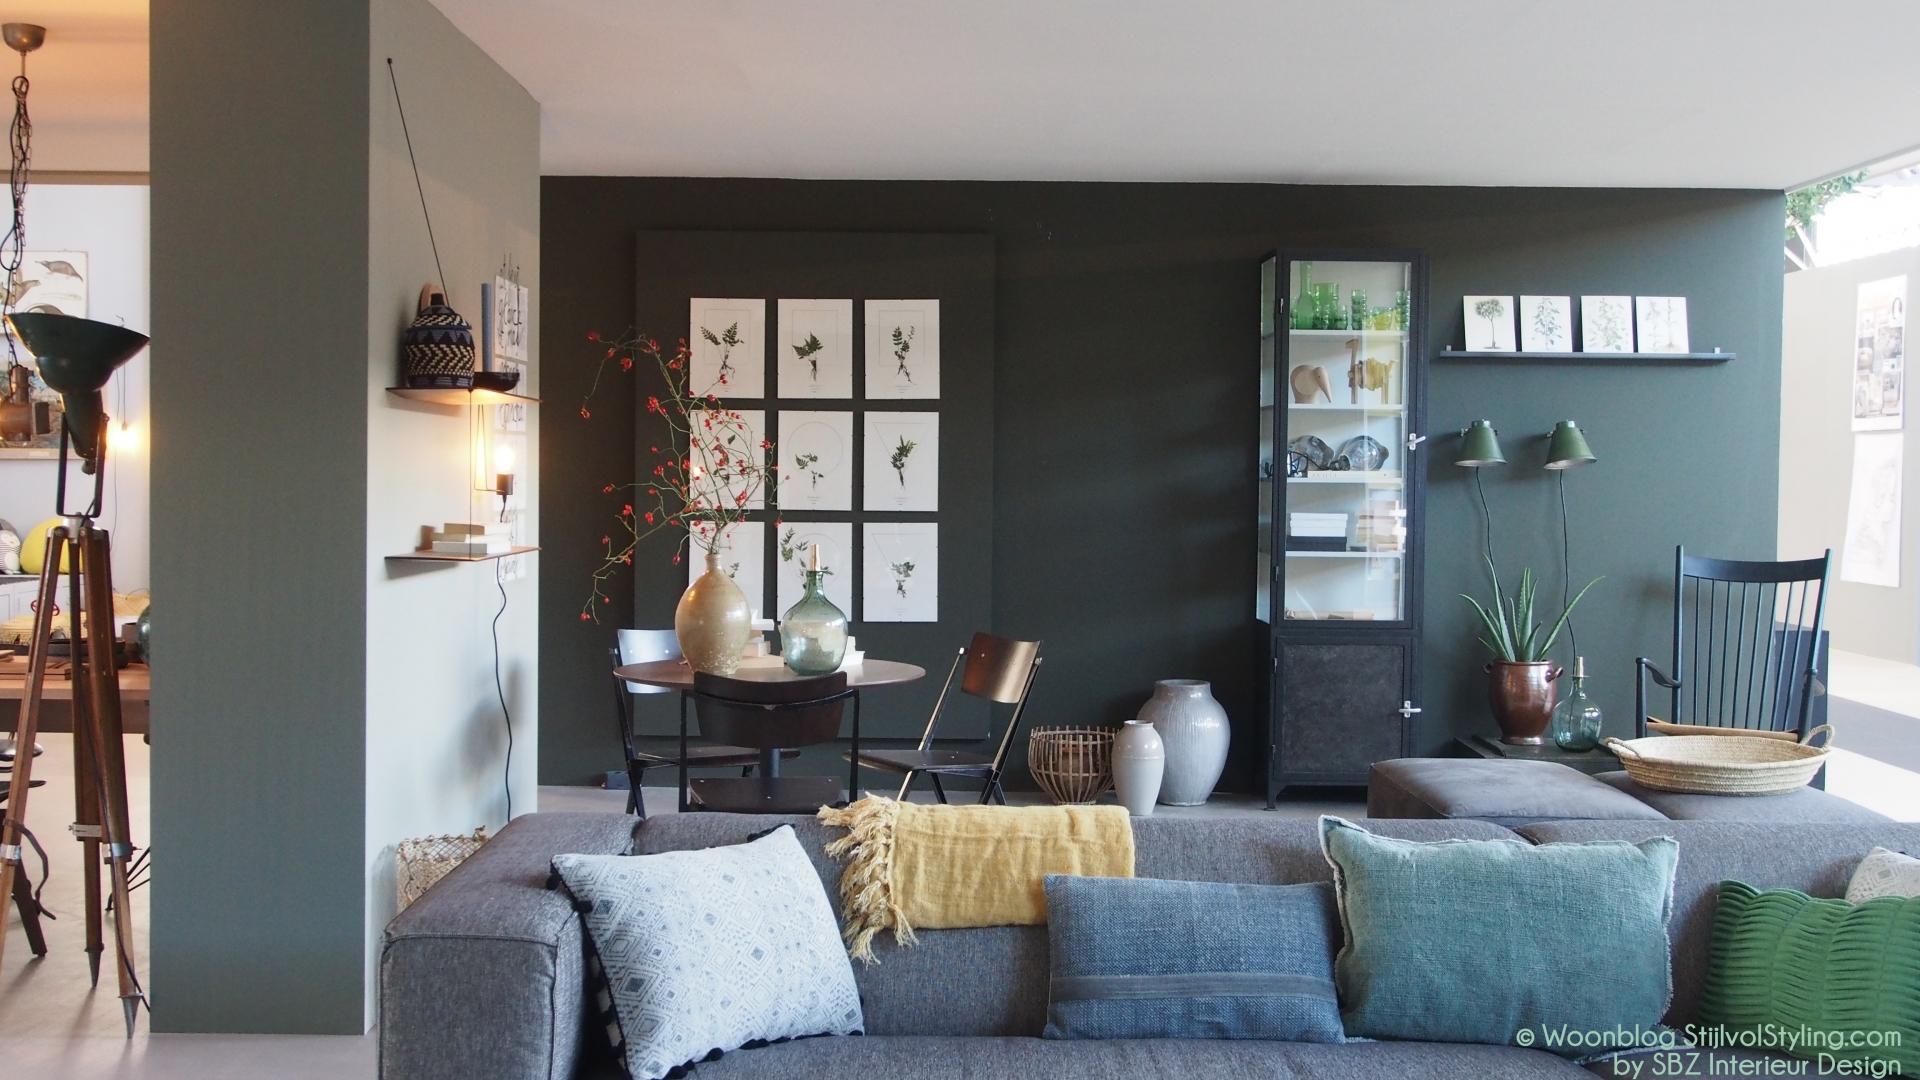 Er op uit vtwonen design beurs woonfeest voor vele stijlvol styling woonblog - Designer huis exterieur ...